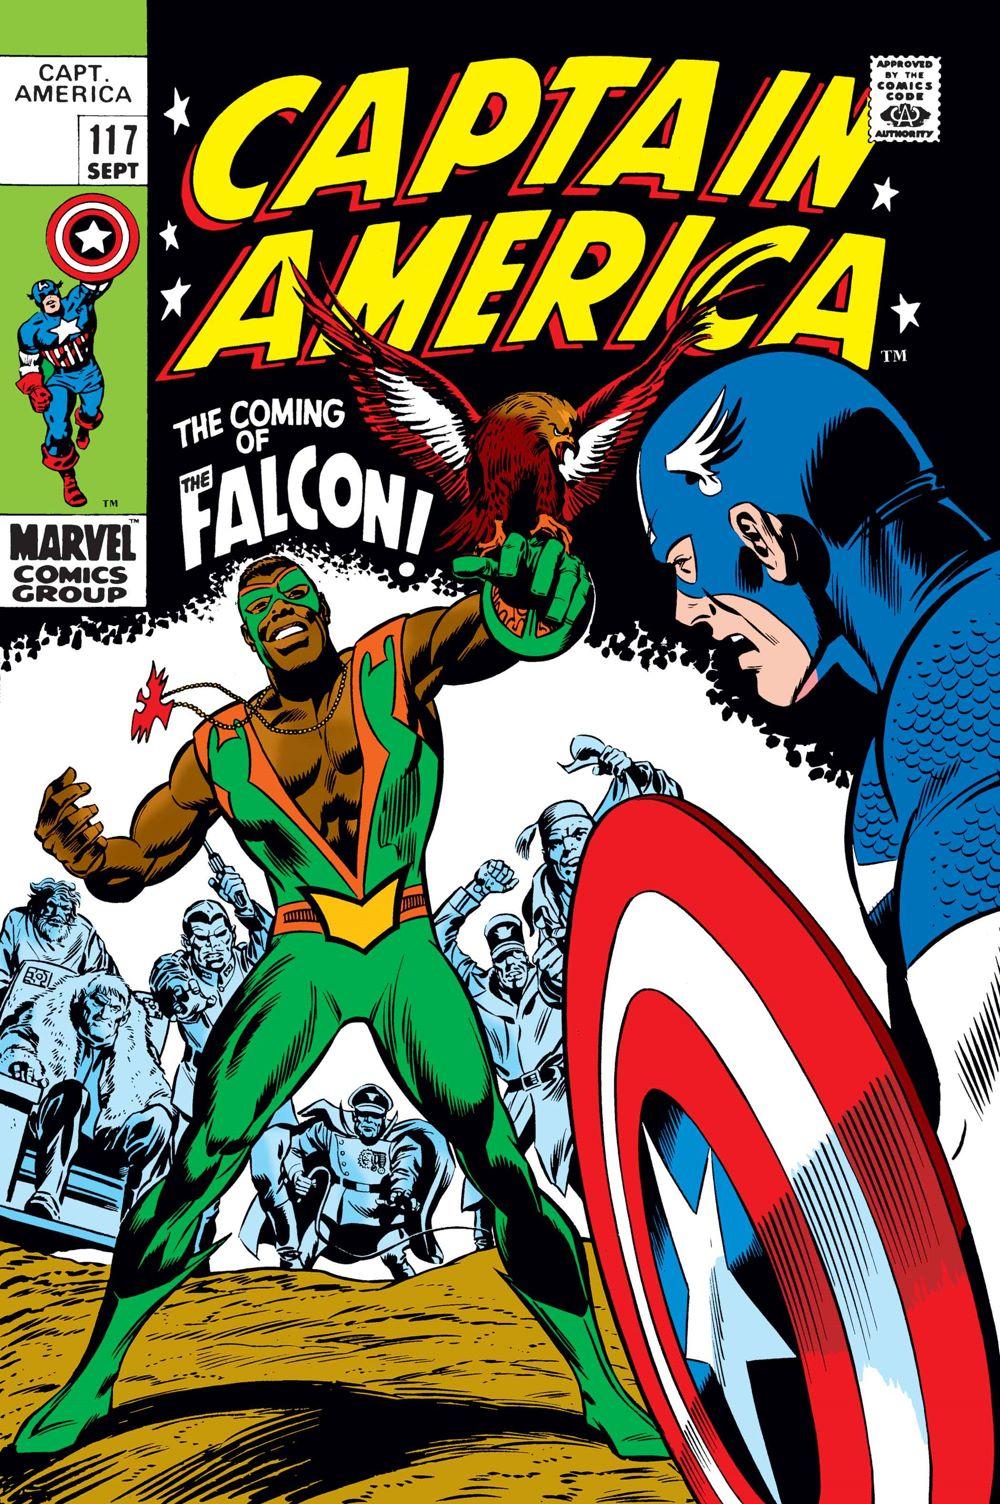 CAPA1968117_FACSIMILE Marvel Comics January 2021 Solicitations